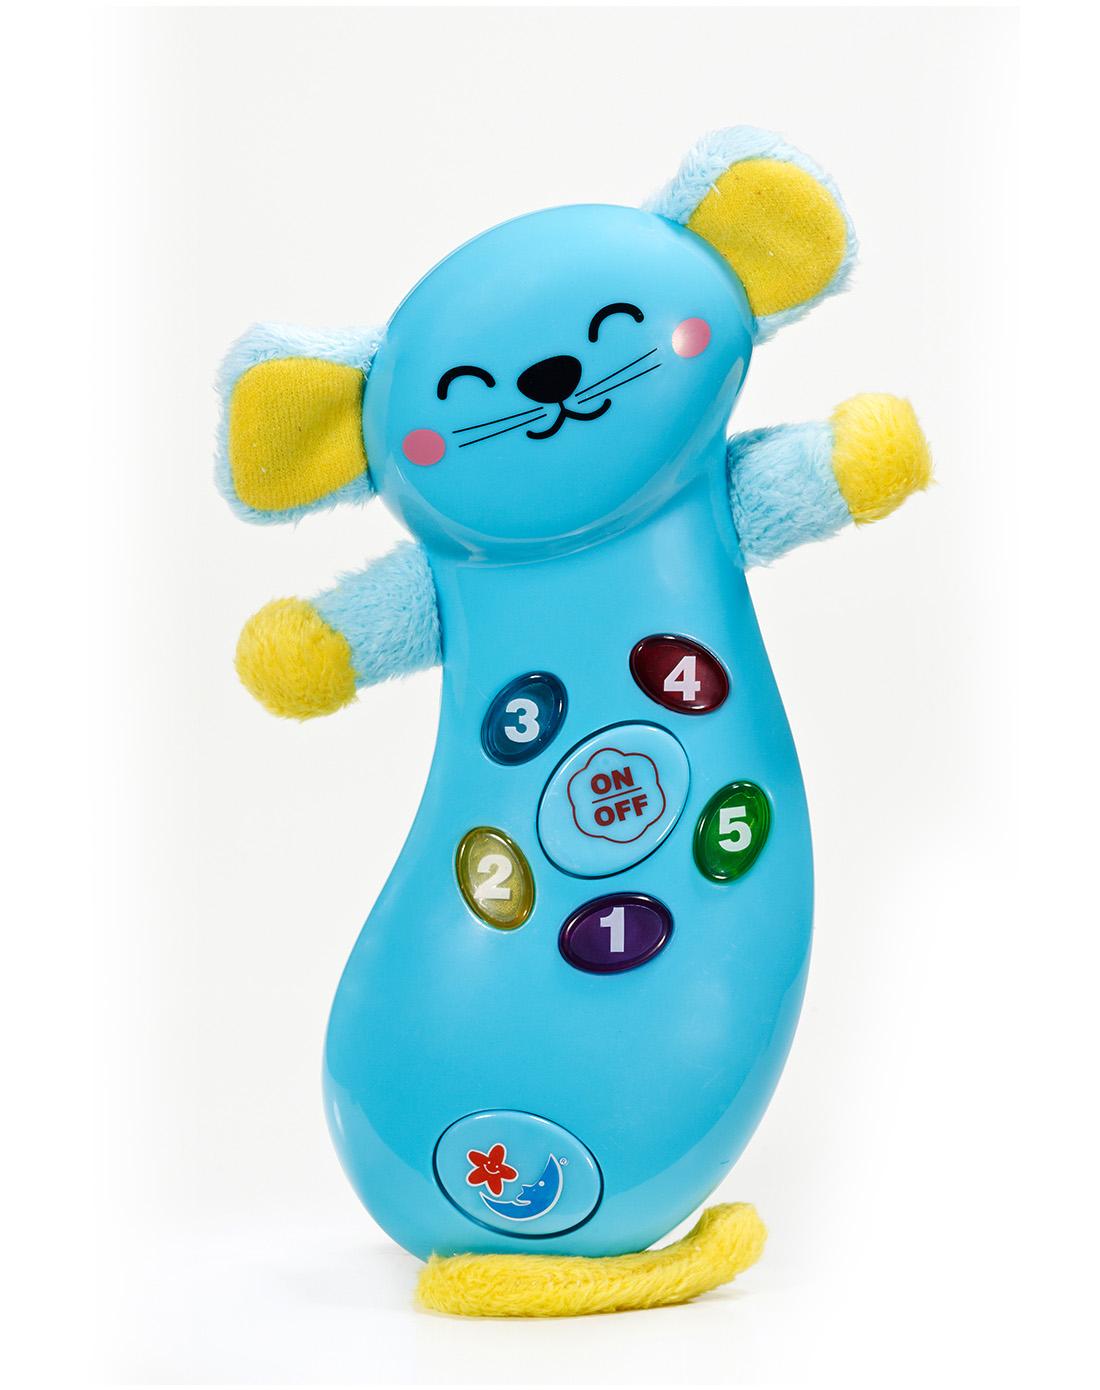 十二生肖电话-老鼠颜色数字认知